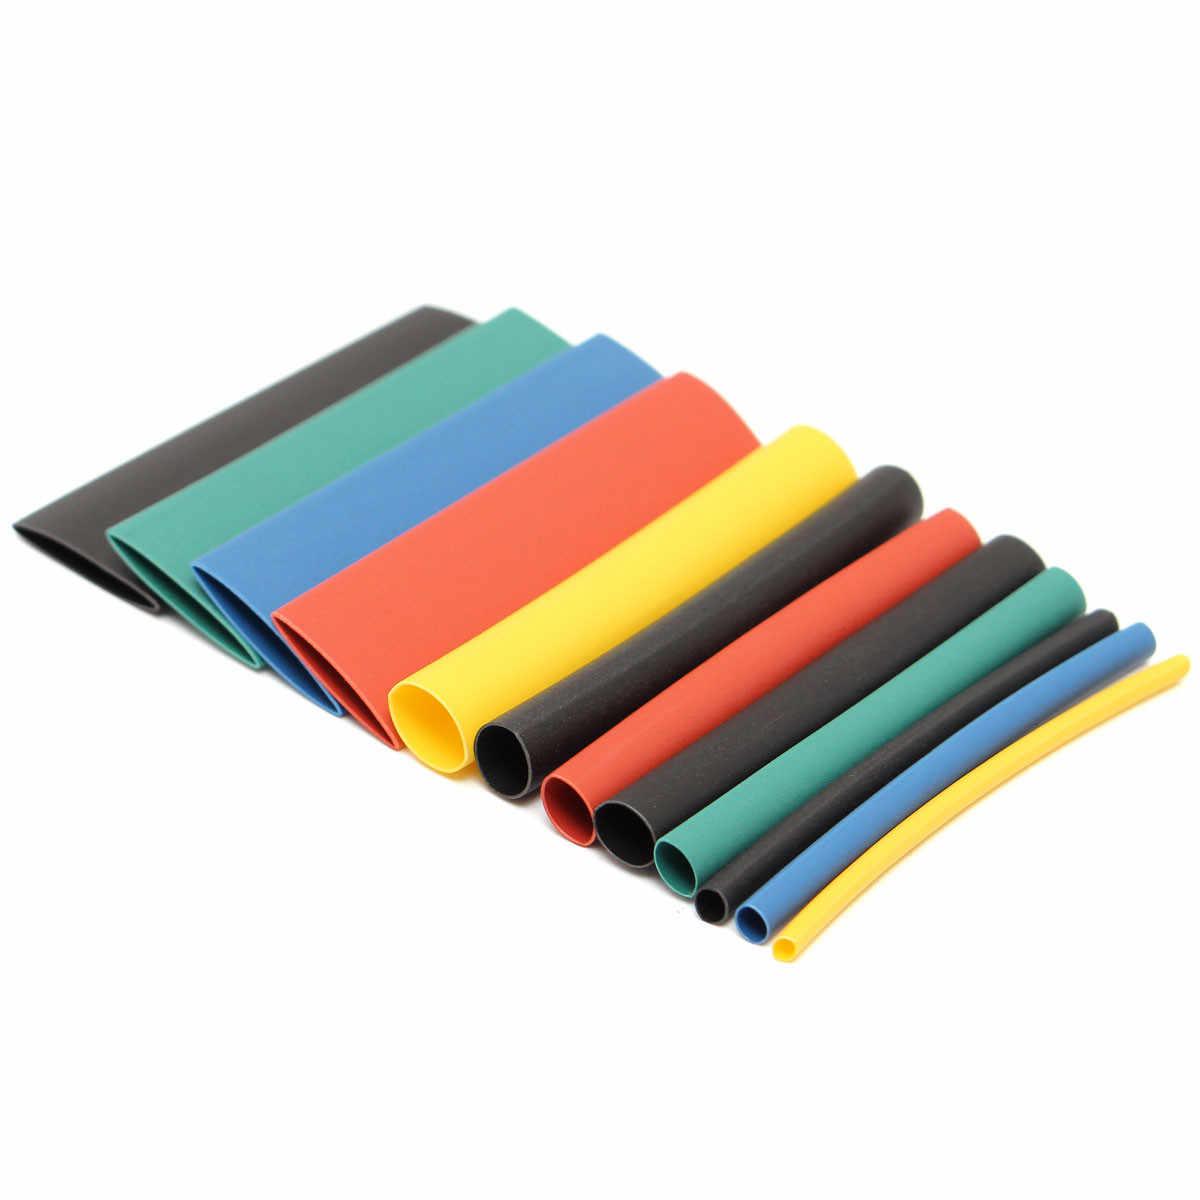 280 pièces 8 tailles Multi couleur 2:1 thermorétractable tube gaine wrap kit RSFR-H thermorétractable tube jaune bleu noir vert rouge